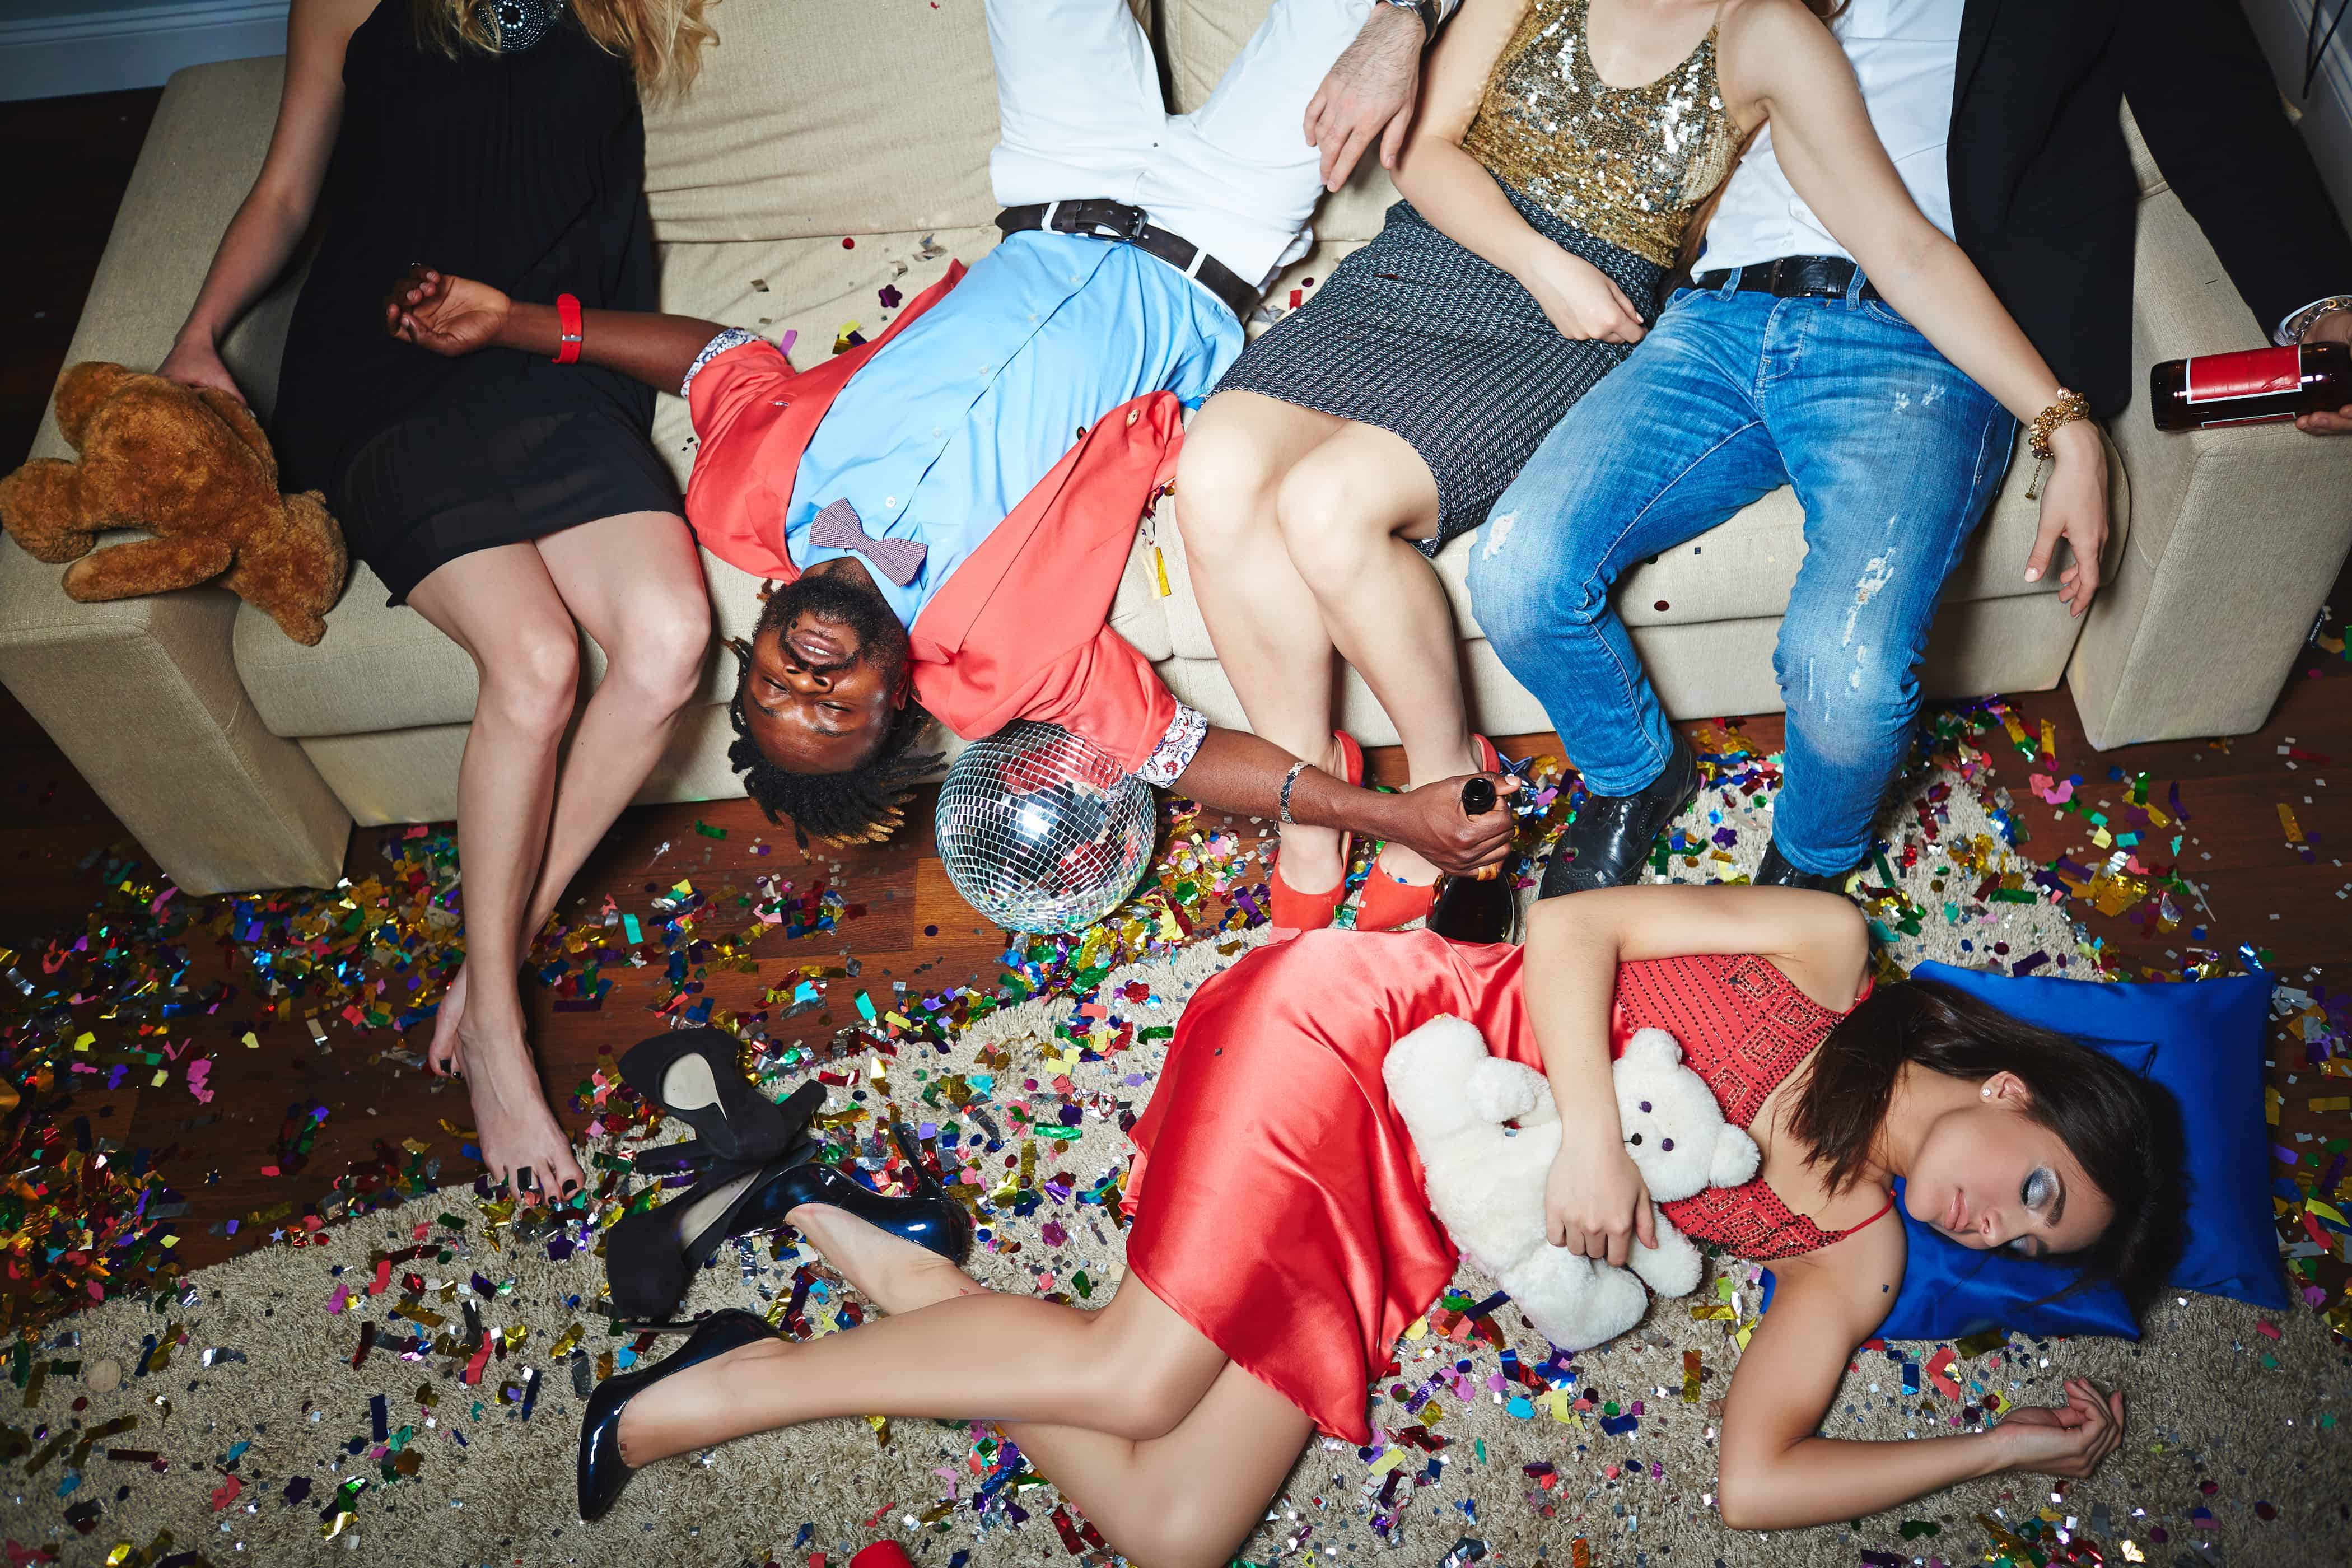 Днем, после вечеринки смешные картинки